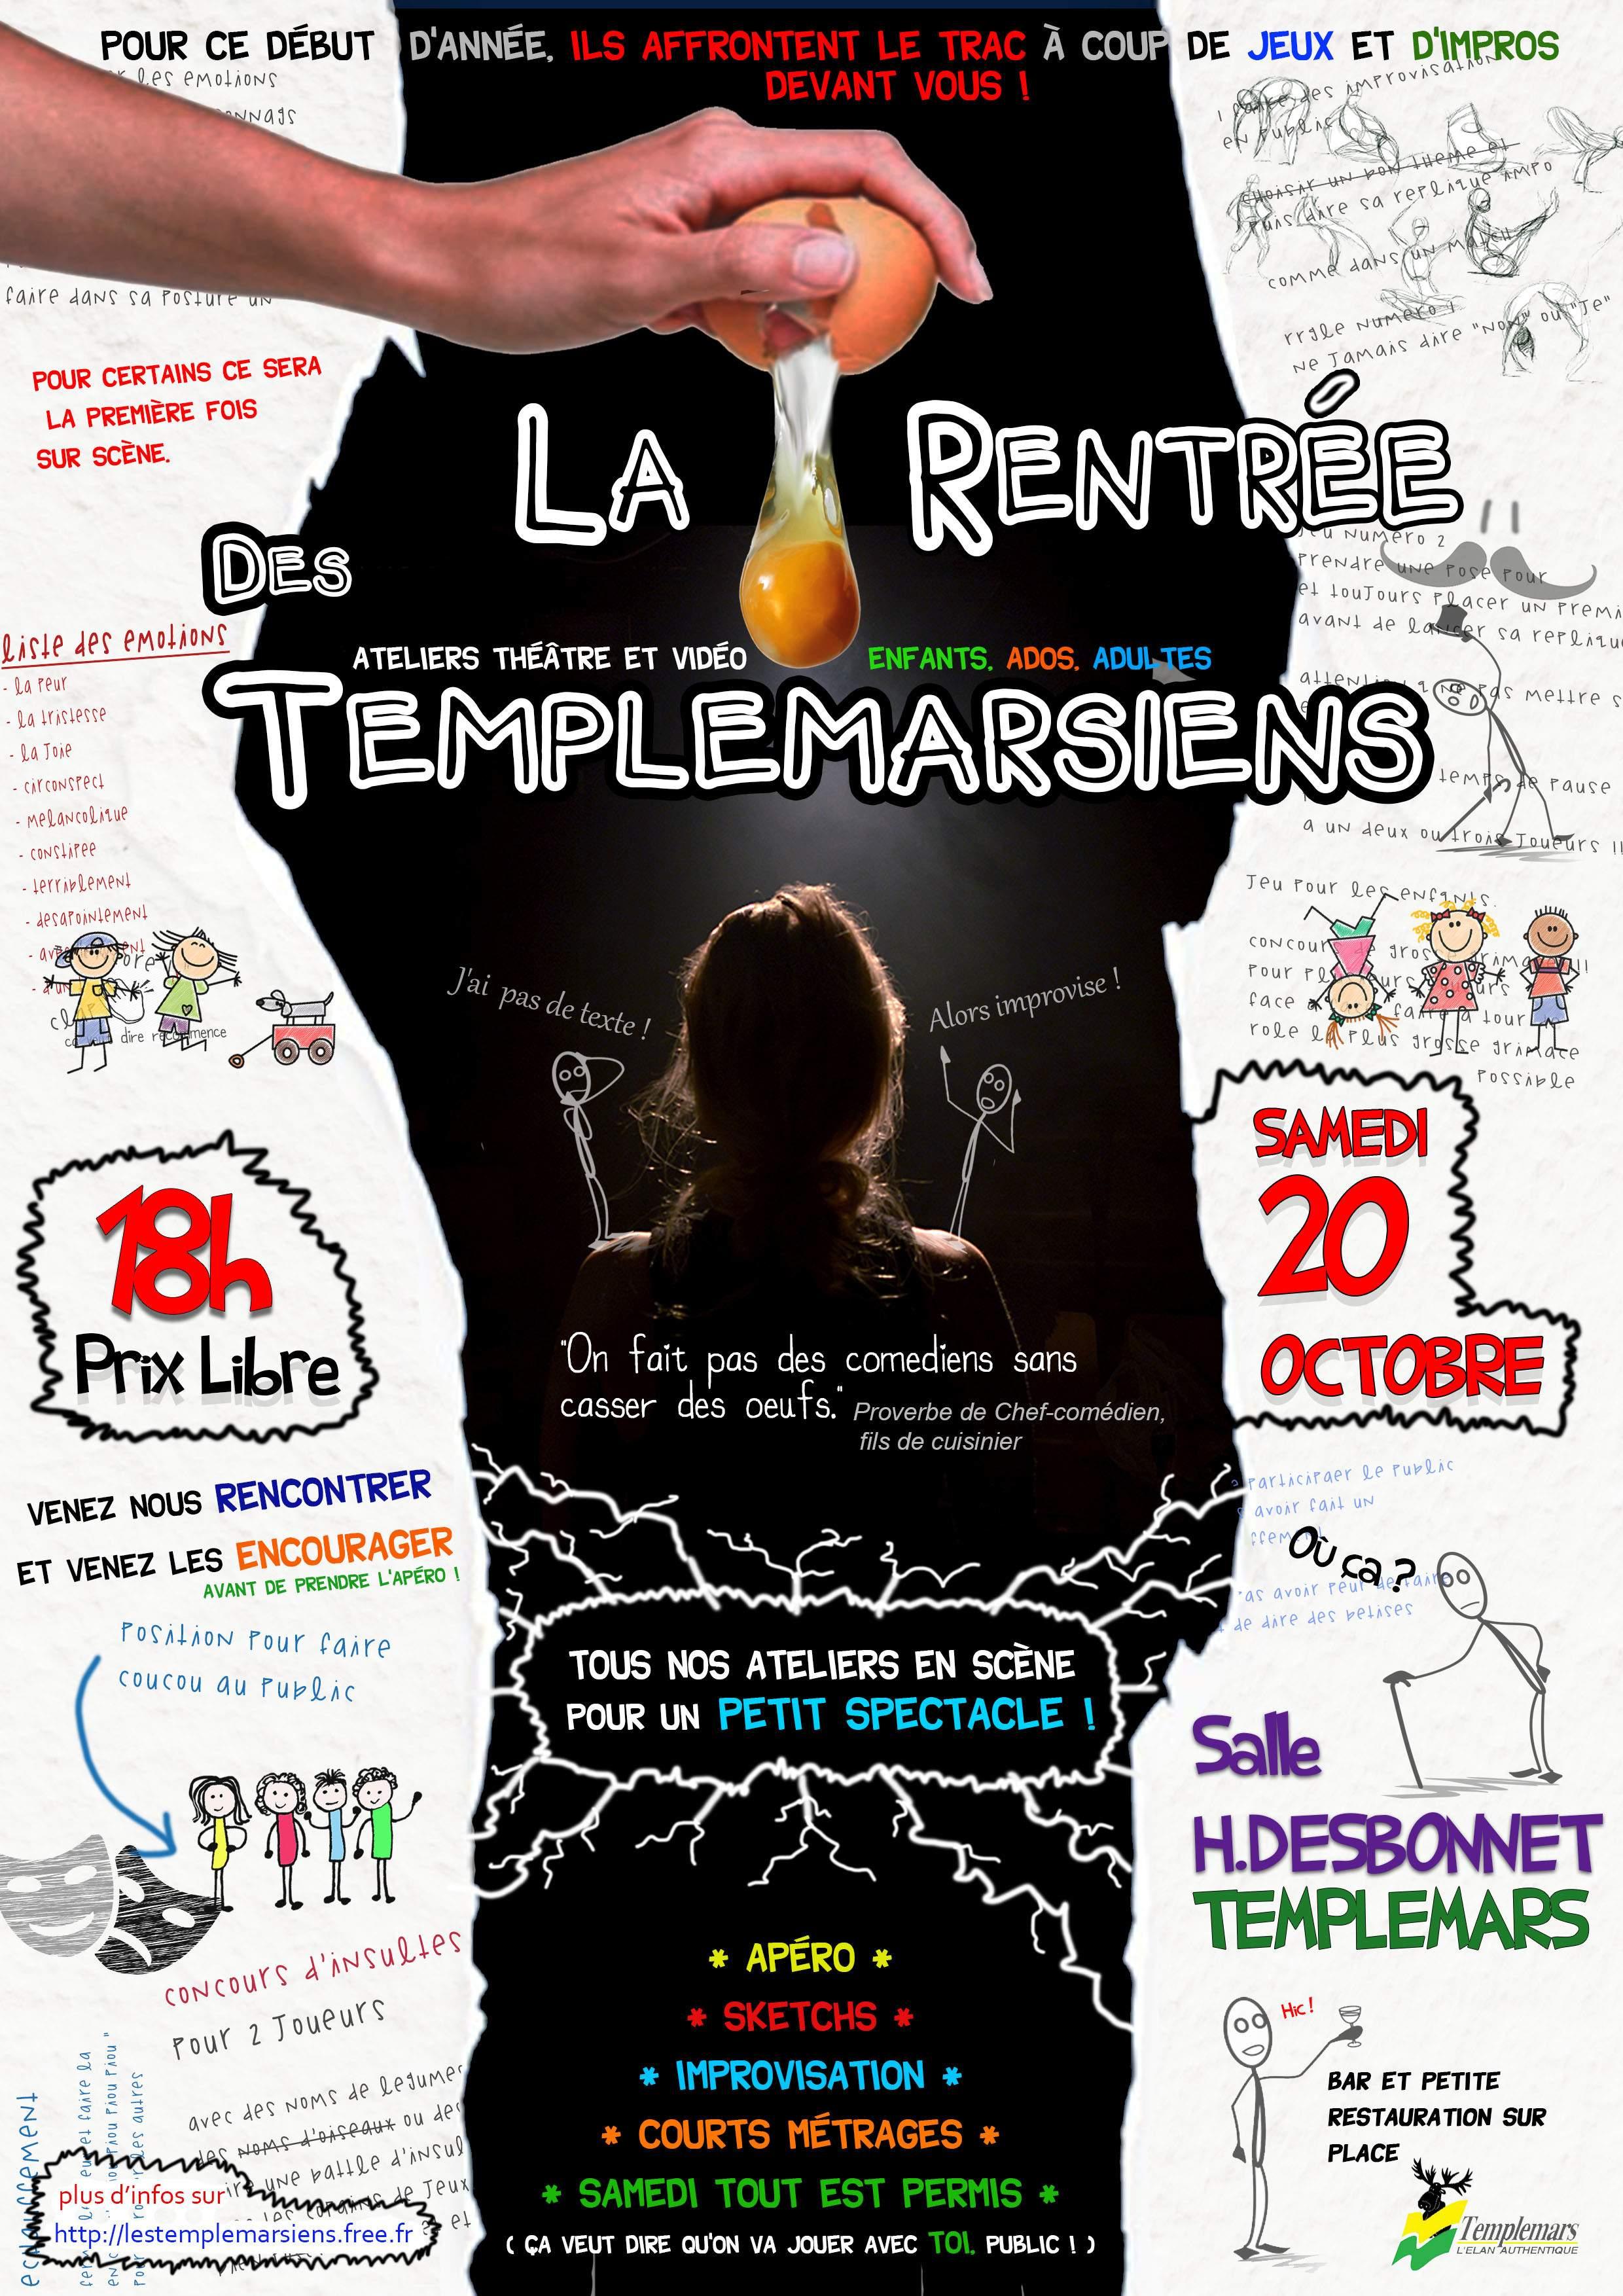 Apéro-Impros #1 - Le show de rentrée des Templemarsiens !